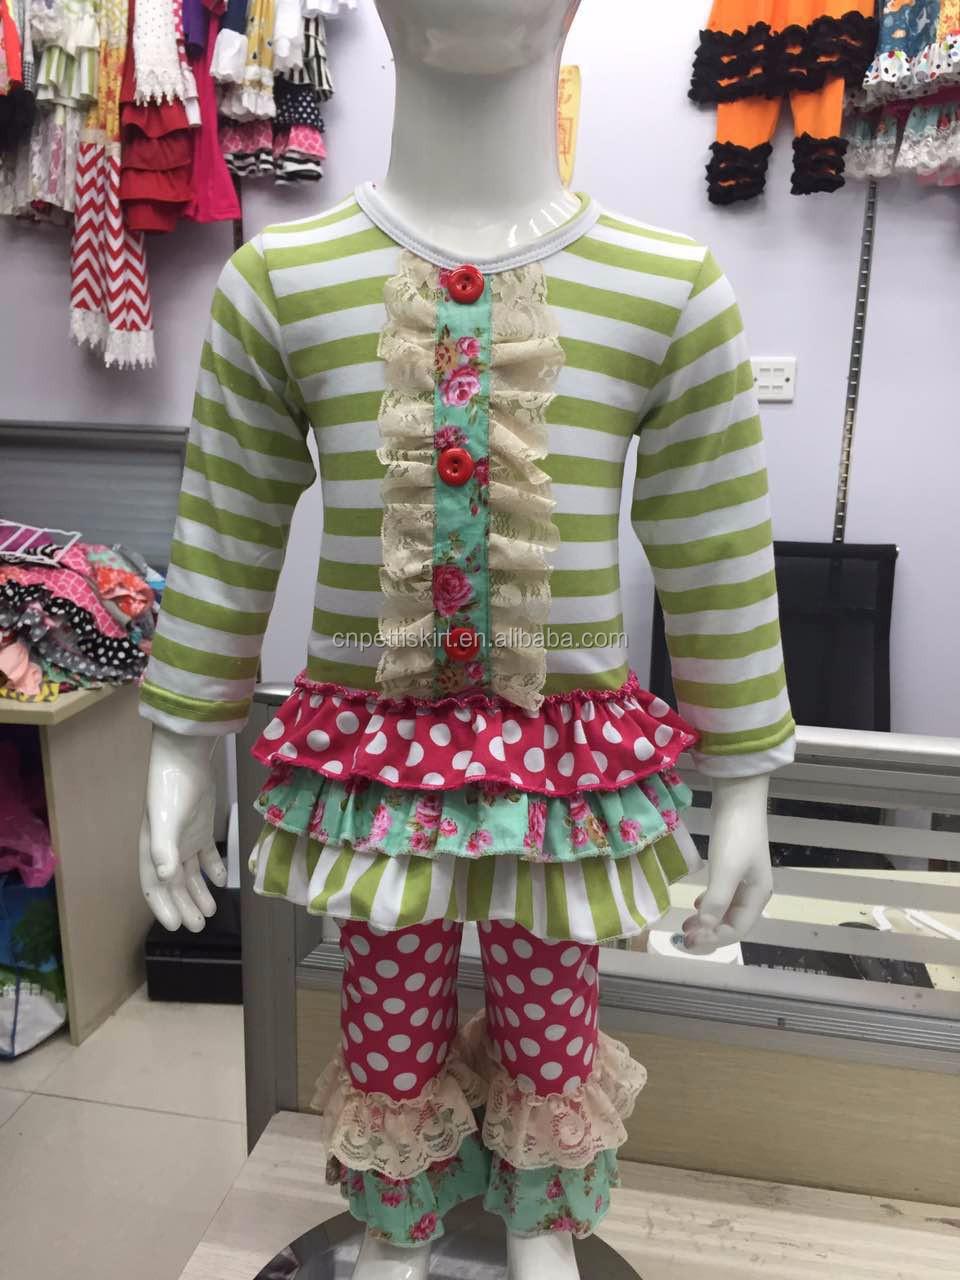 2017 printemps chaud en gros enfants vêtements robe élégante pour les filles boutique vêtements